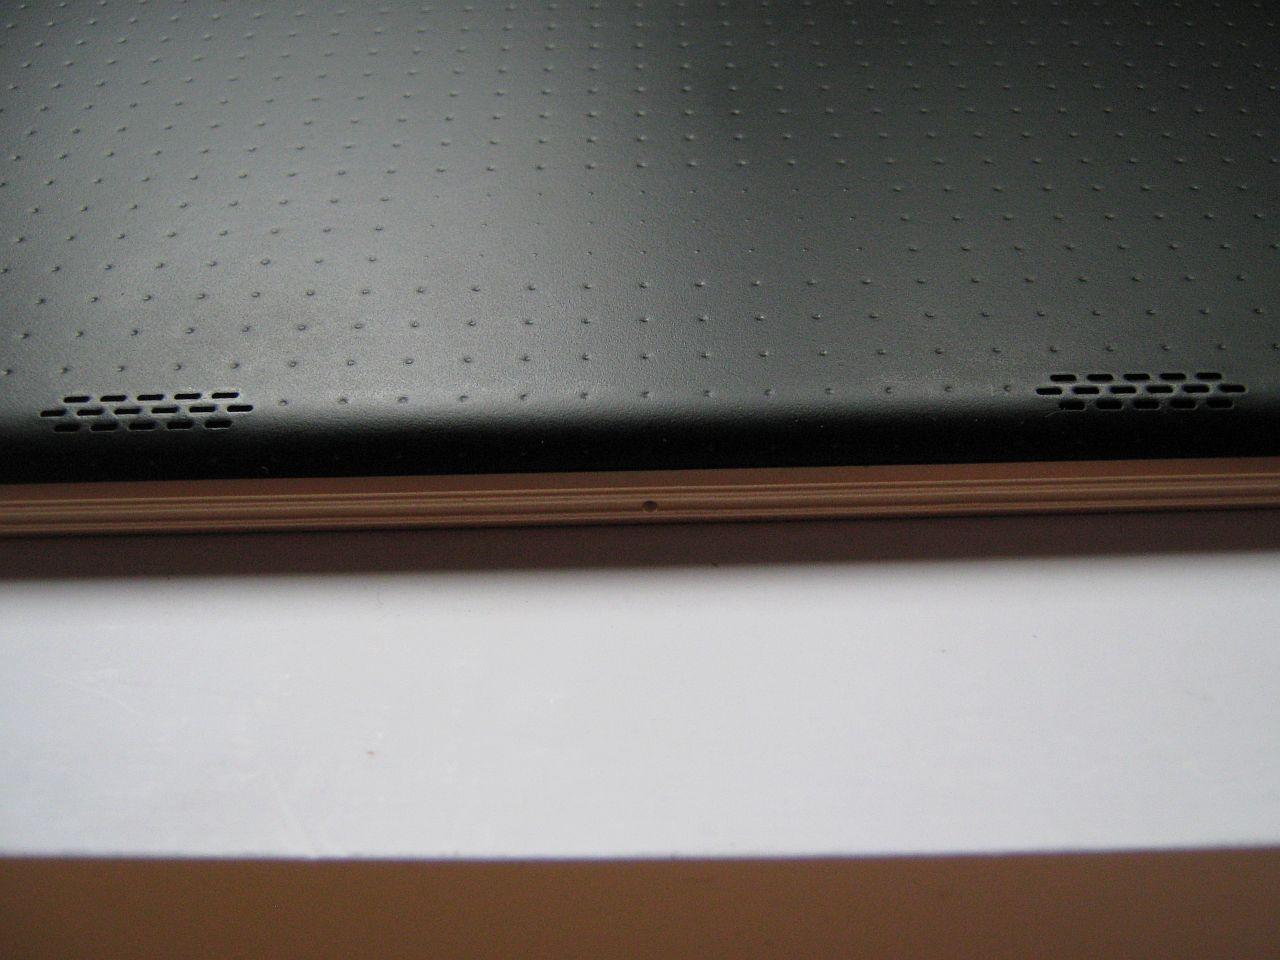 9 7 дюймовый планшет JLinkSZ T950S  Мошенничество и обман на